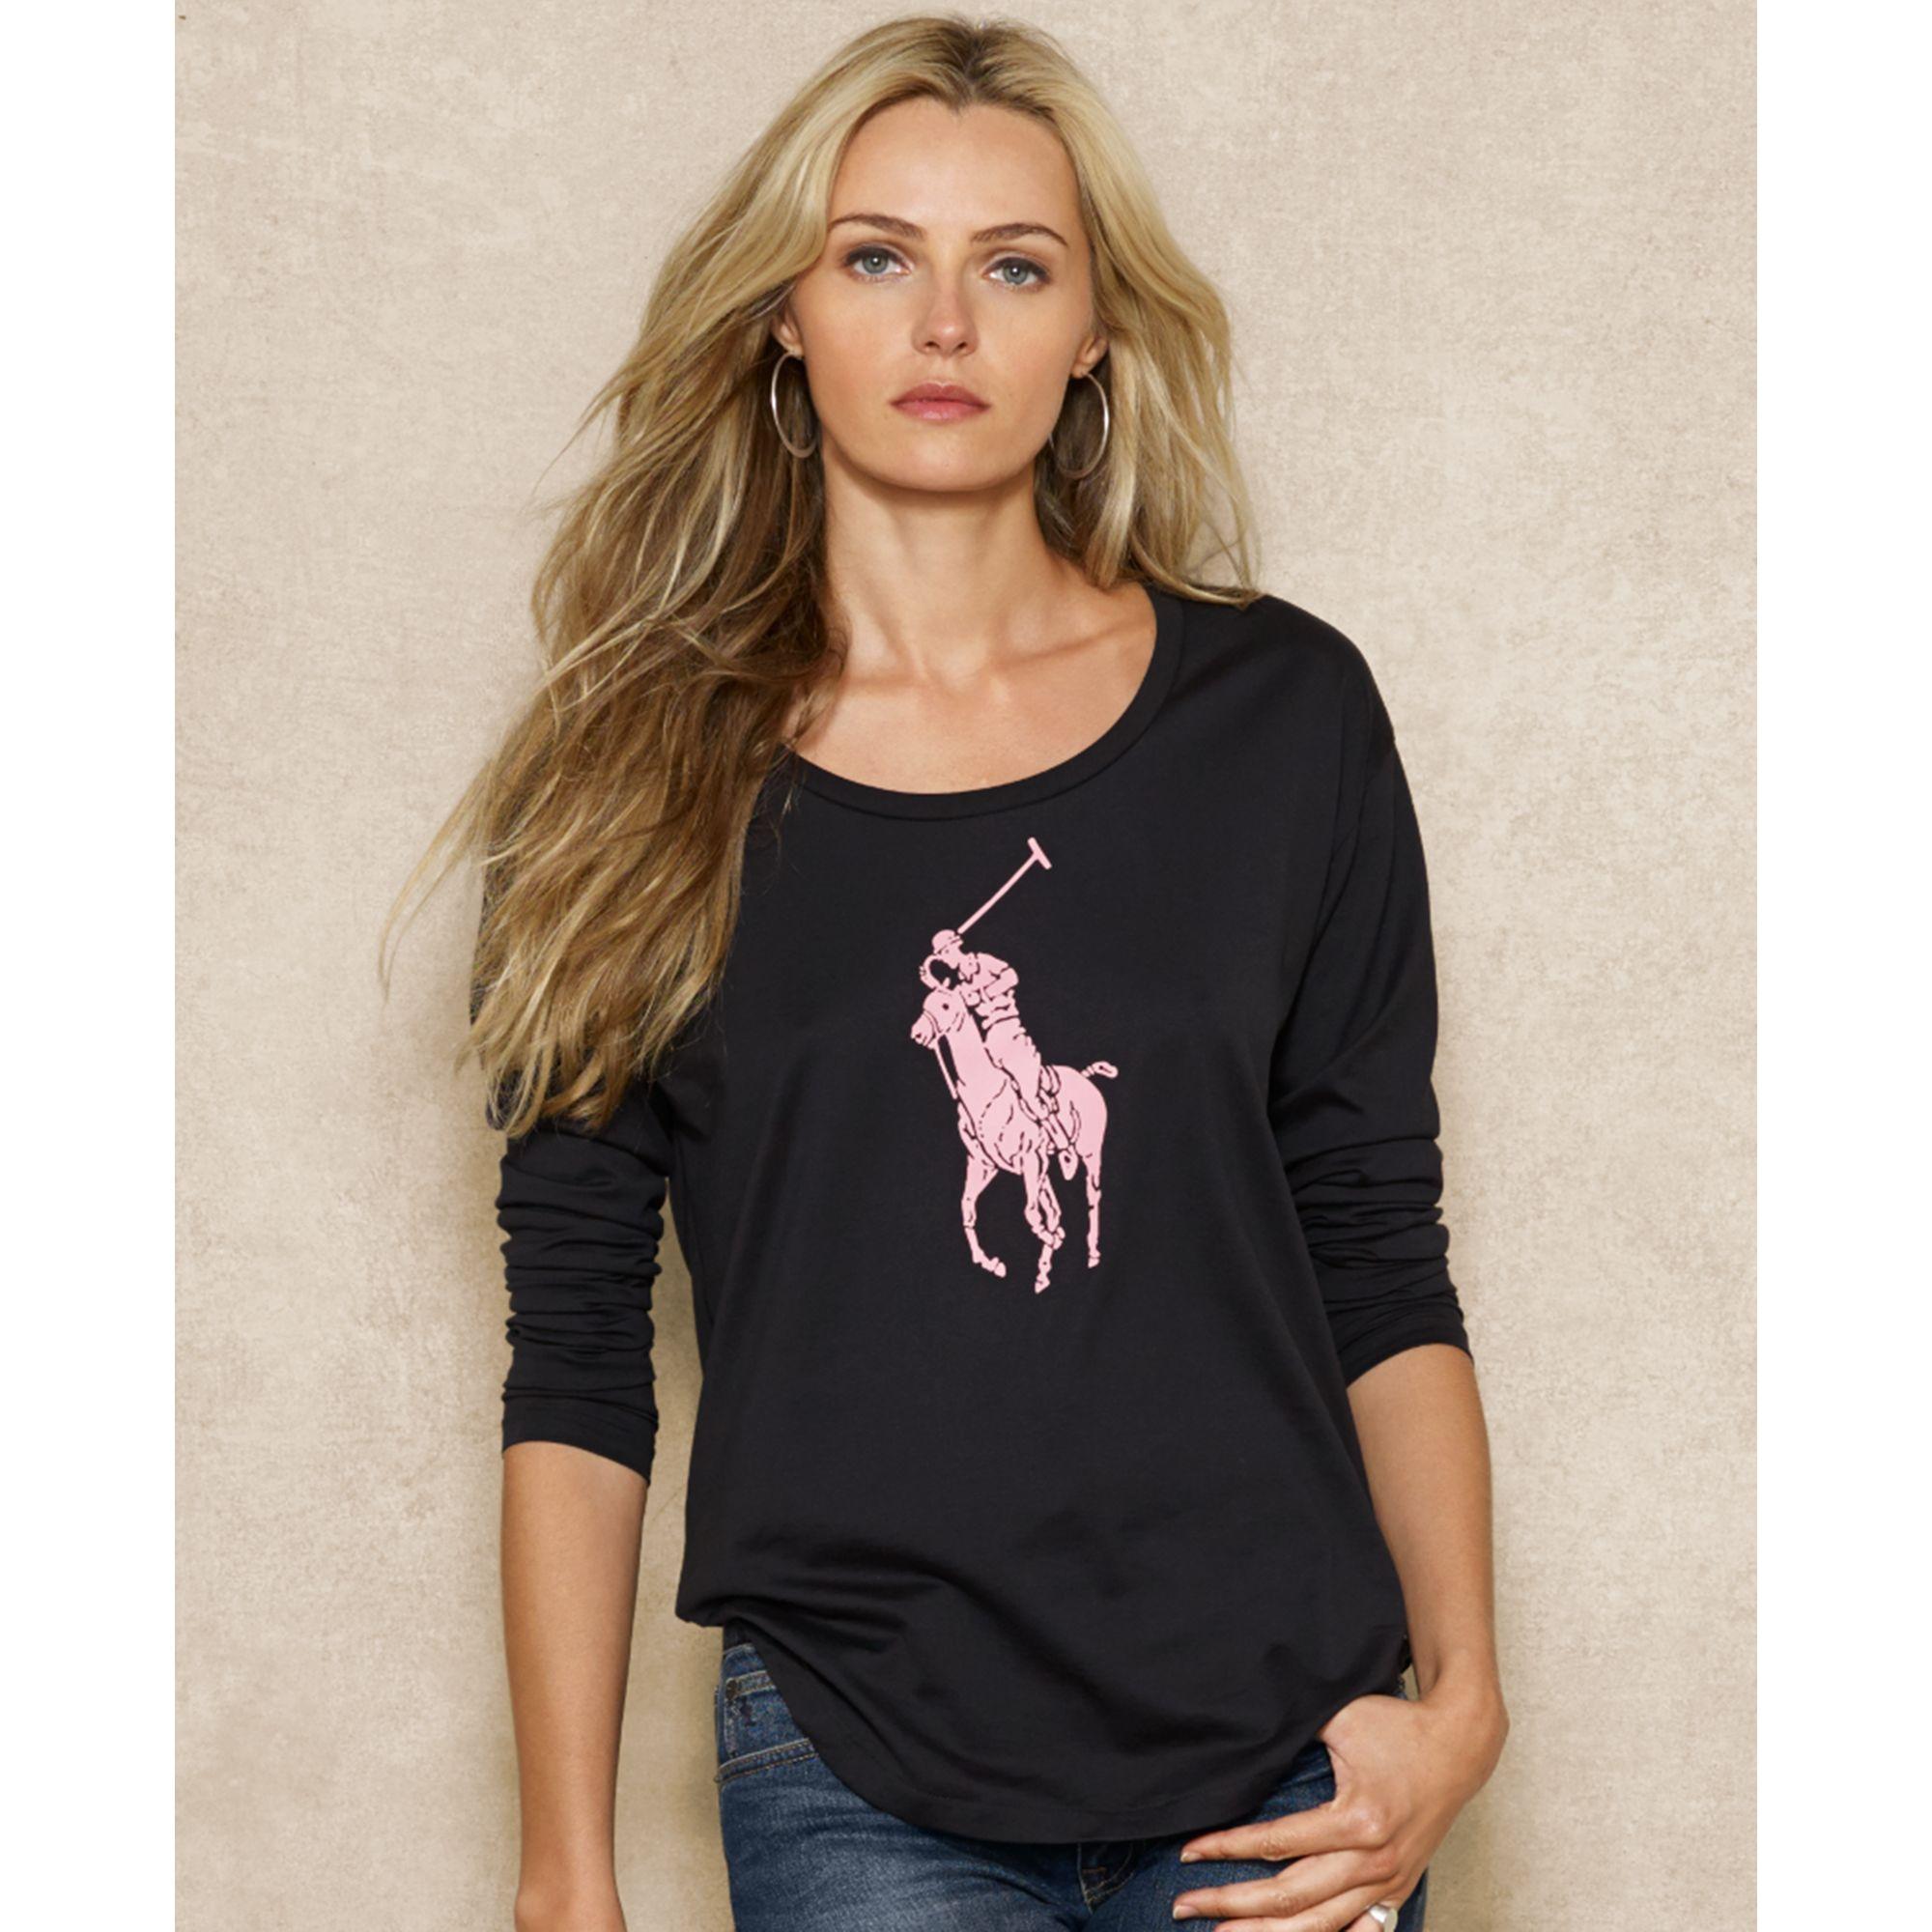 ralph lauren pink pony tee shirt